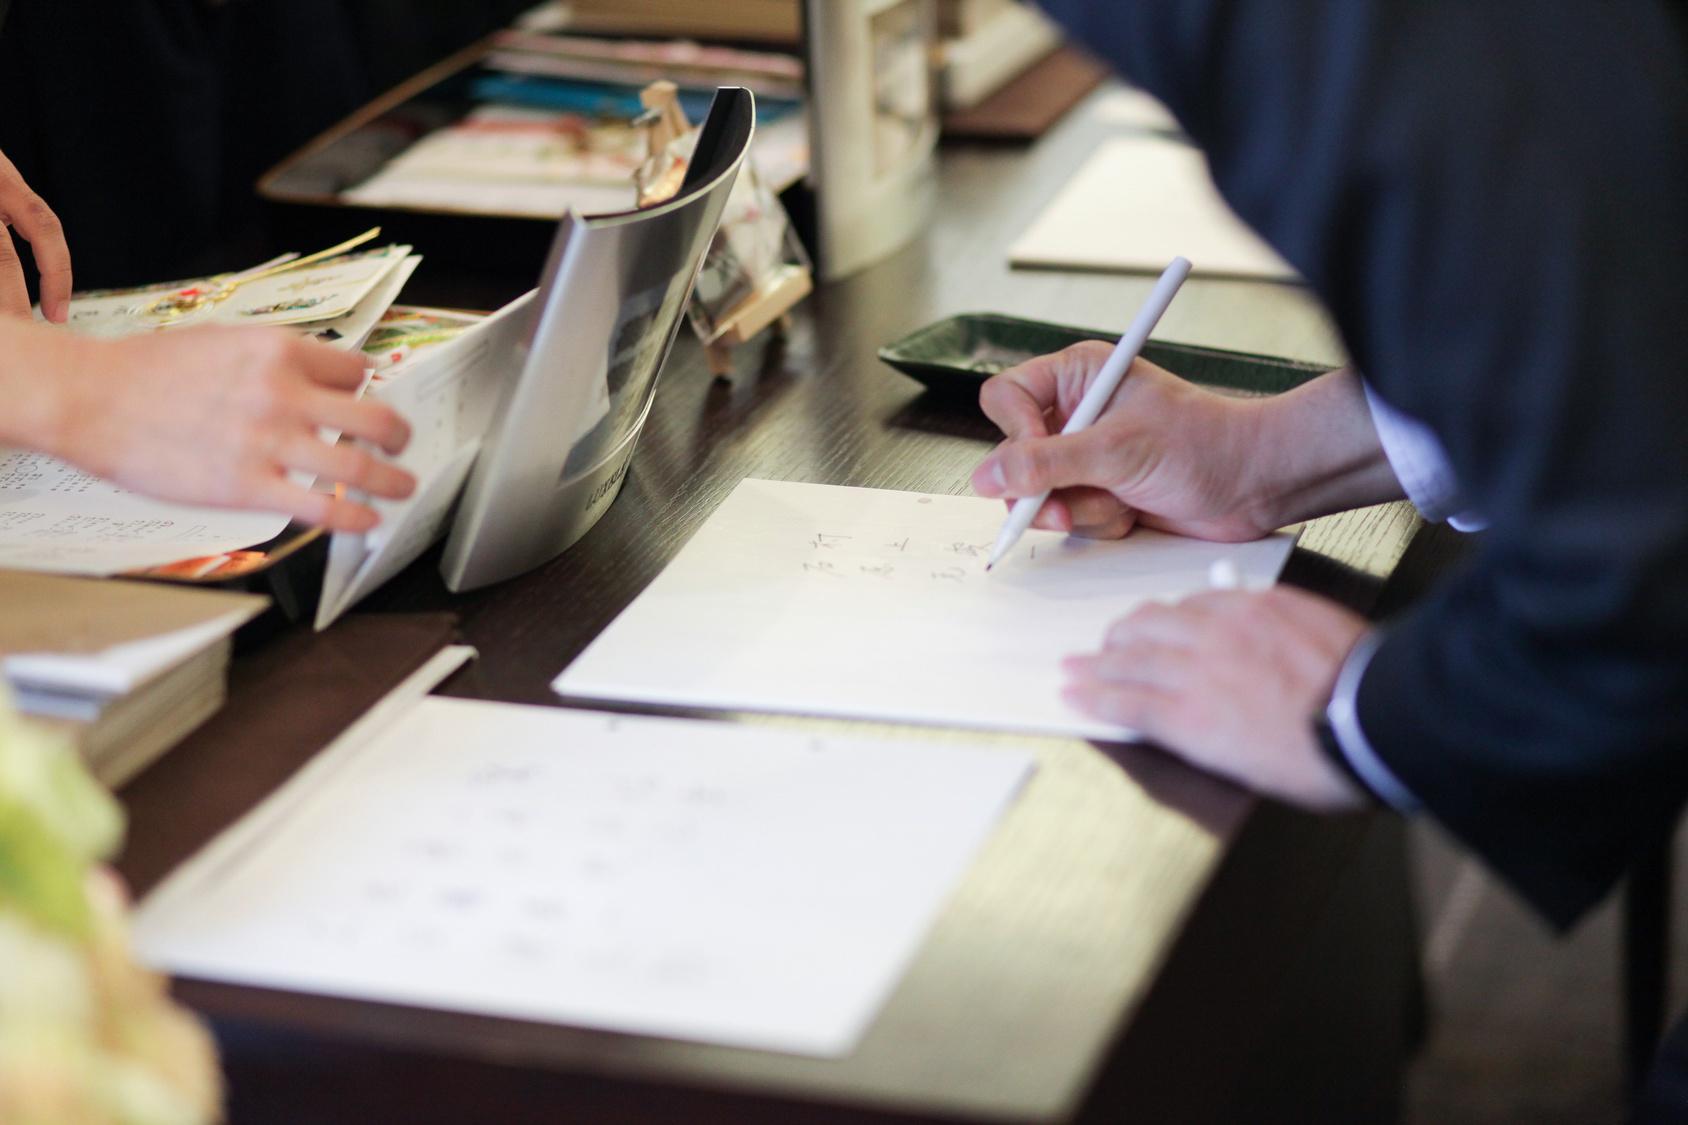 結婚式 芳名帳